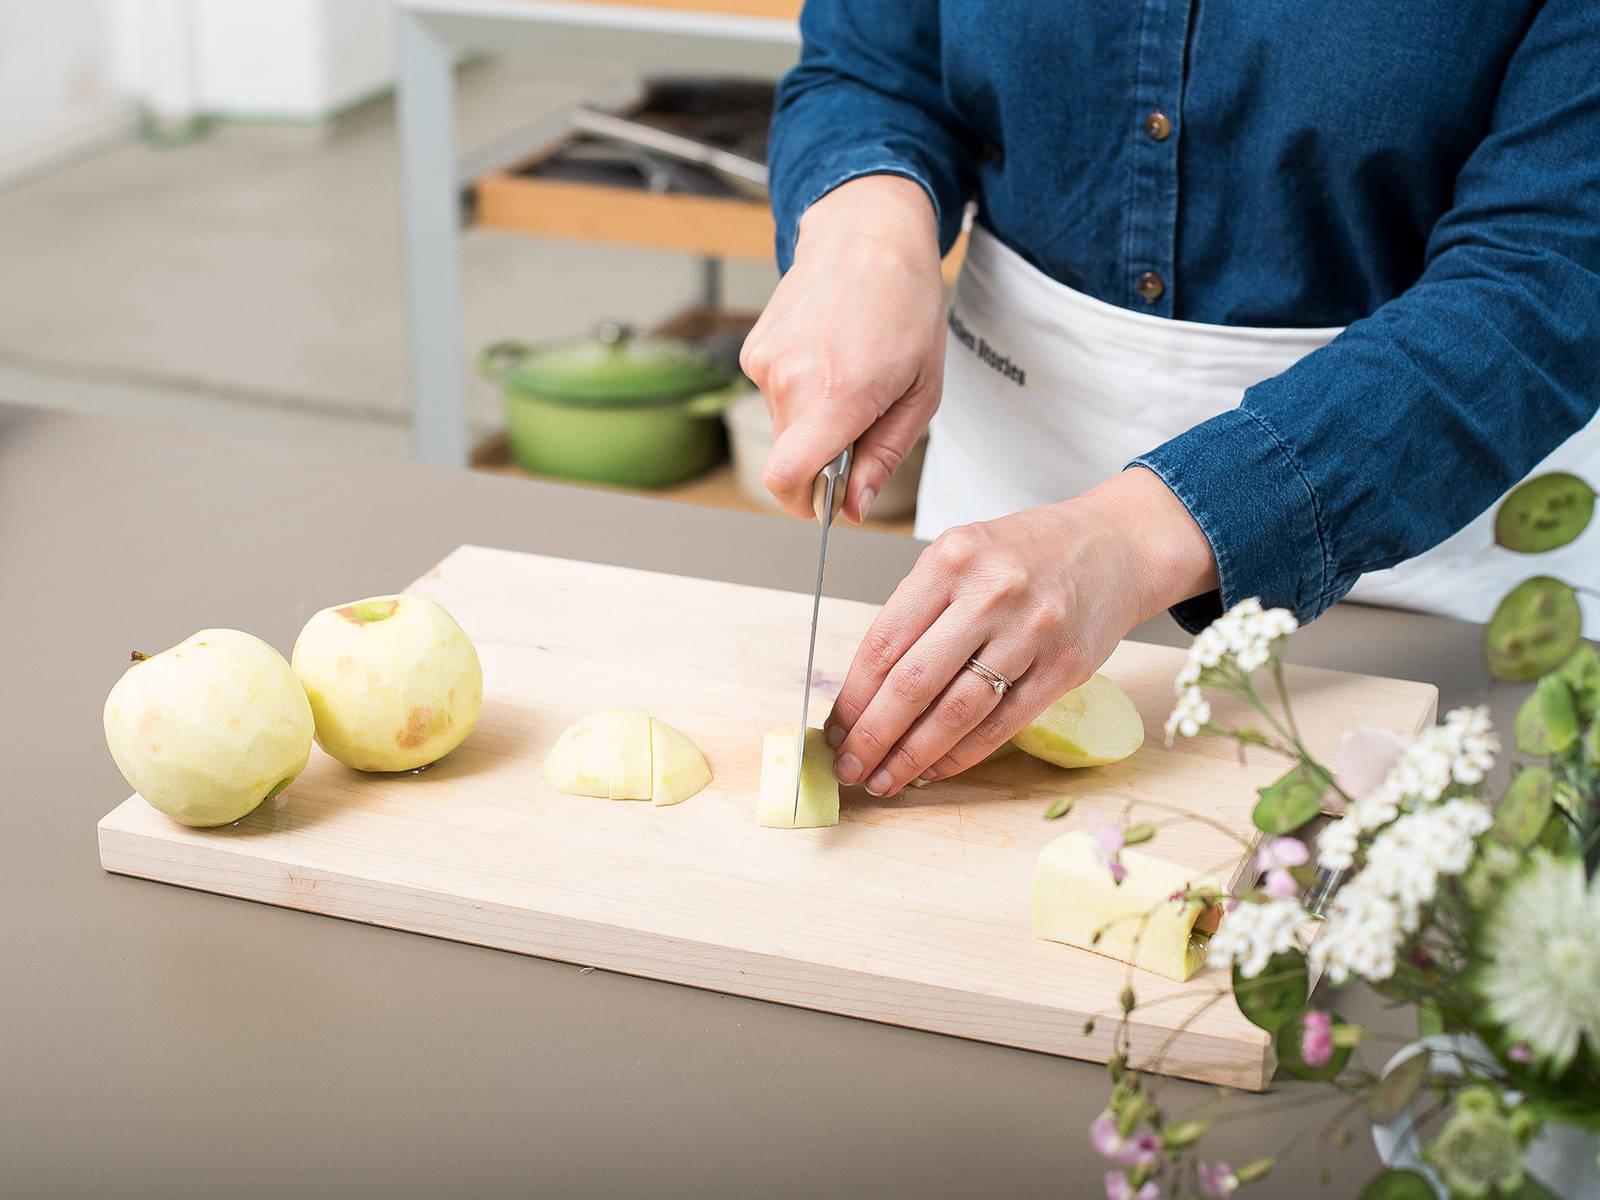 将烤箱预热至180℃。在烤盘中铺上烘焙纸,或充分润滑后撒上面粉。置于一旁。苹果削皮去核,切成四瓣。将苹果块再切成更薄的薄片,然后和柠檬汁一起放到大碗里搅拌混合,以防止苹果变褐色。置于一旁。